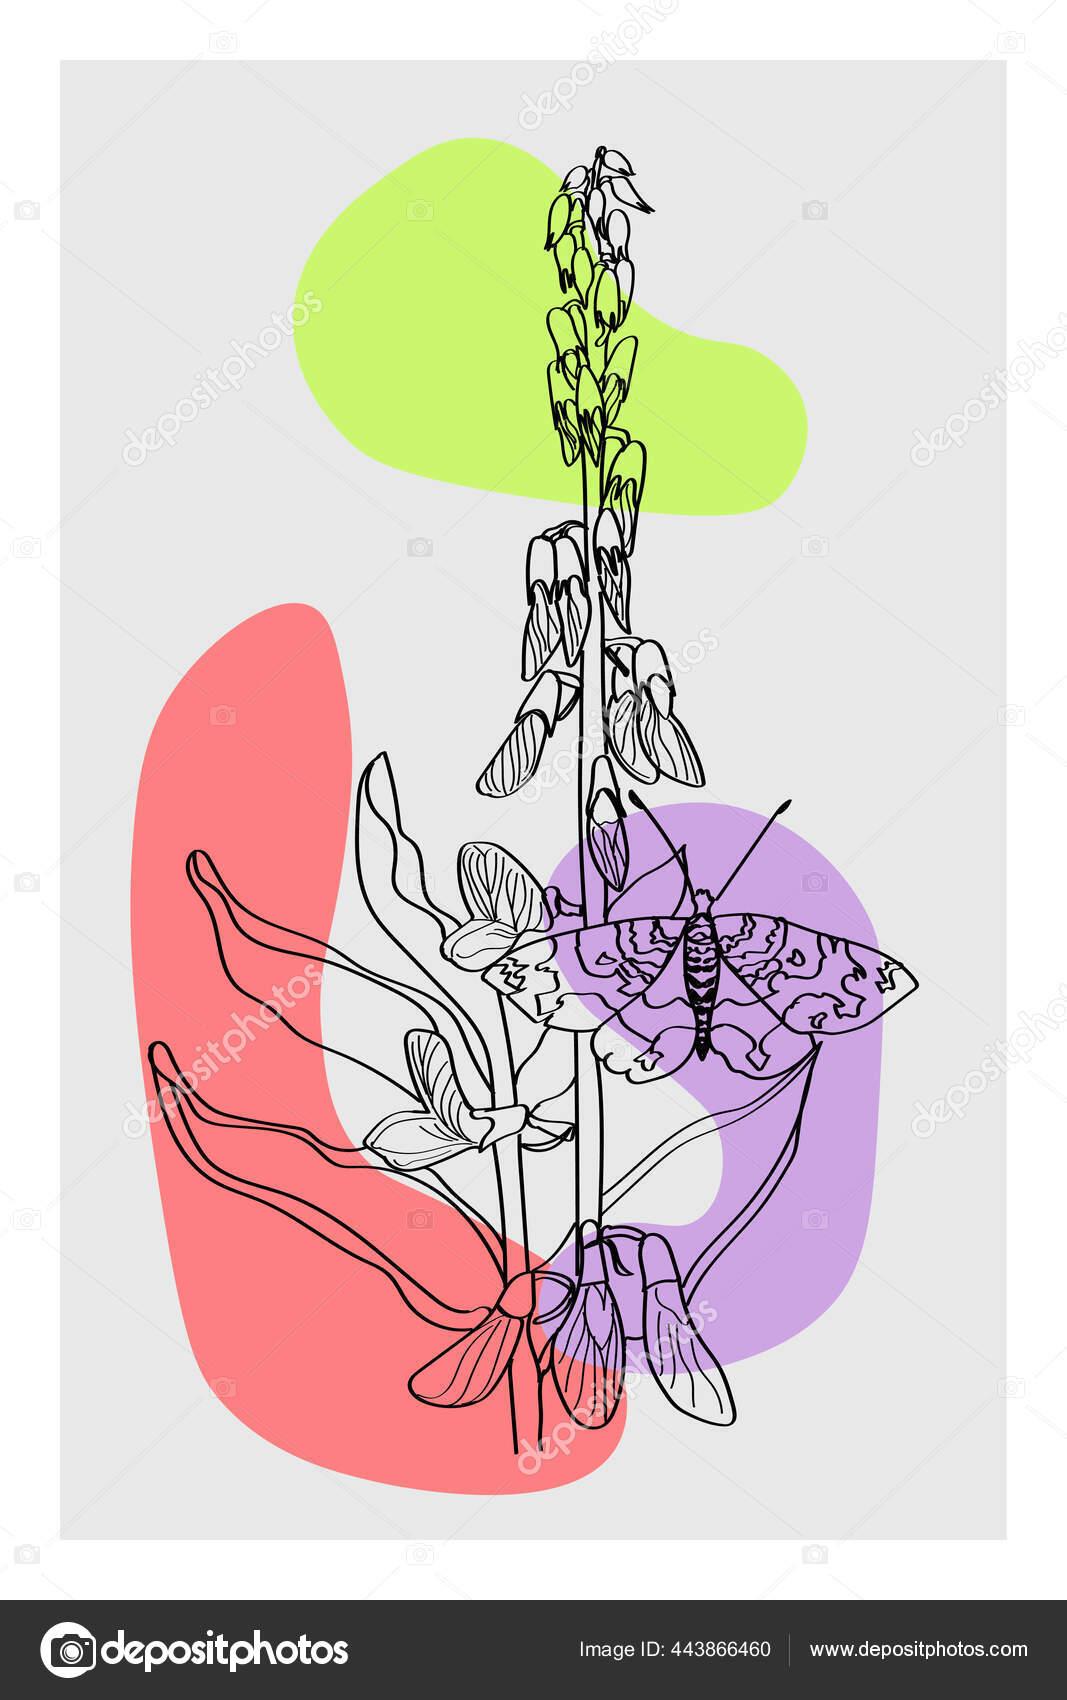 Abstract Floral Arrangement Geometric Elements Abstract Plant Art Design Cover Imagem Vetorial De C Yavorv 443866460